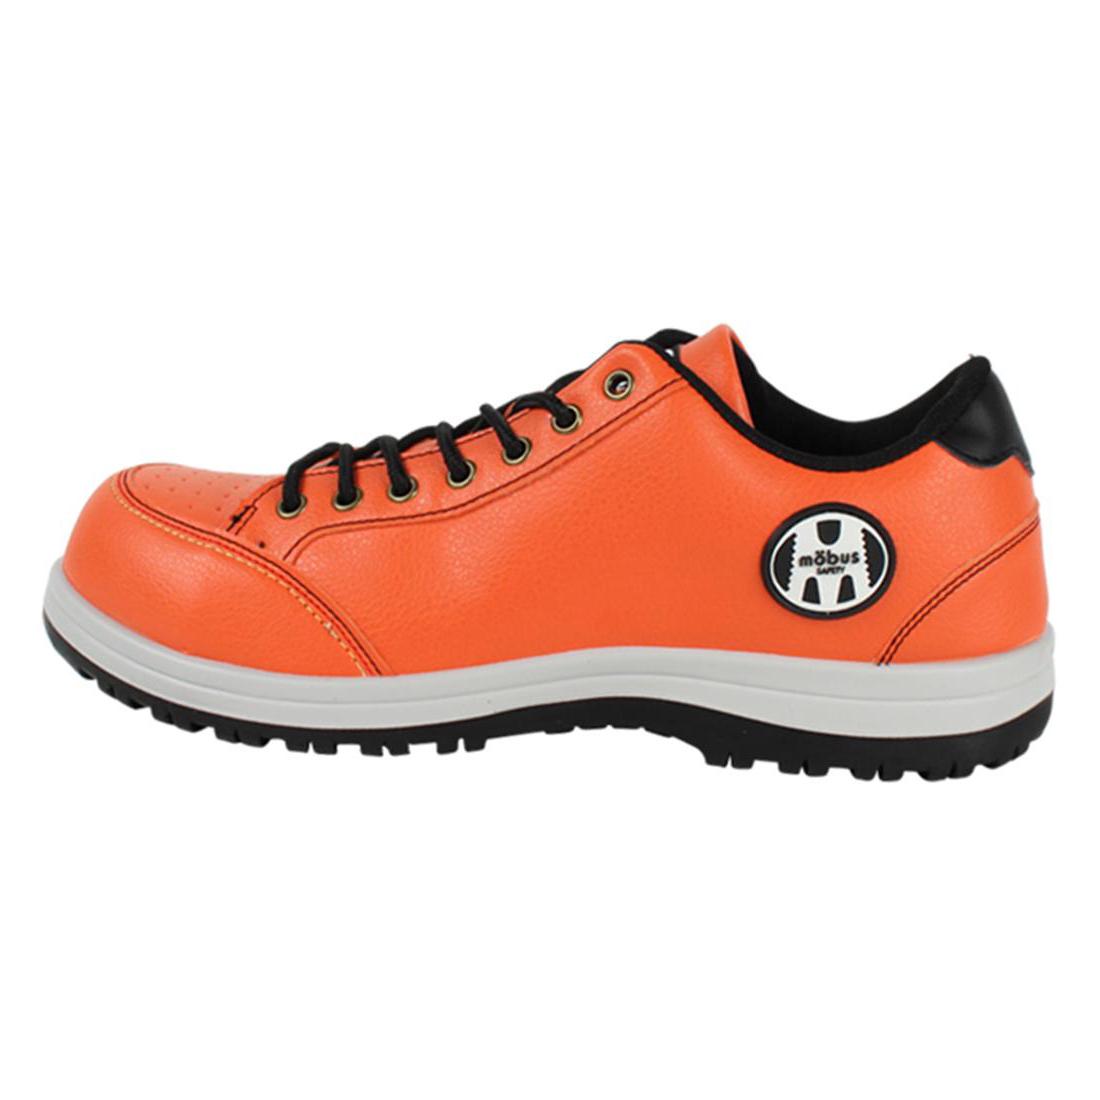 安全靴 モーブス mobus ヒモ MBS-1001 安全靴スニーカーJSAA規格A種